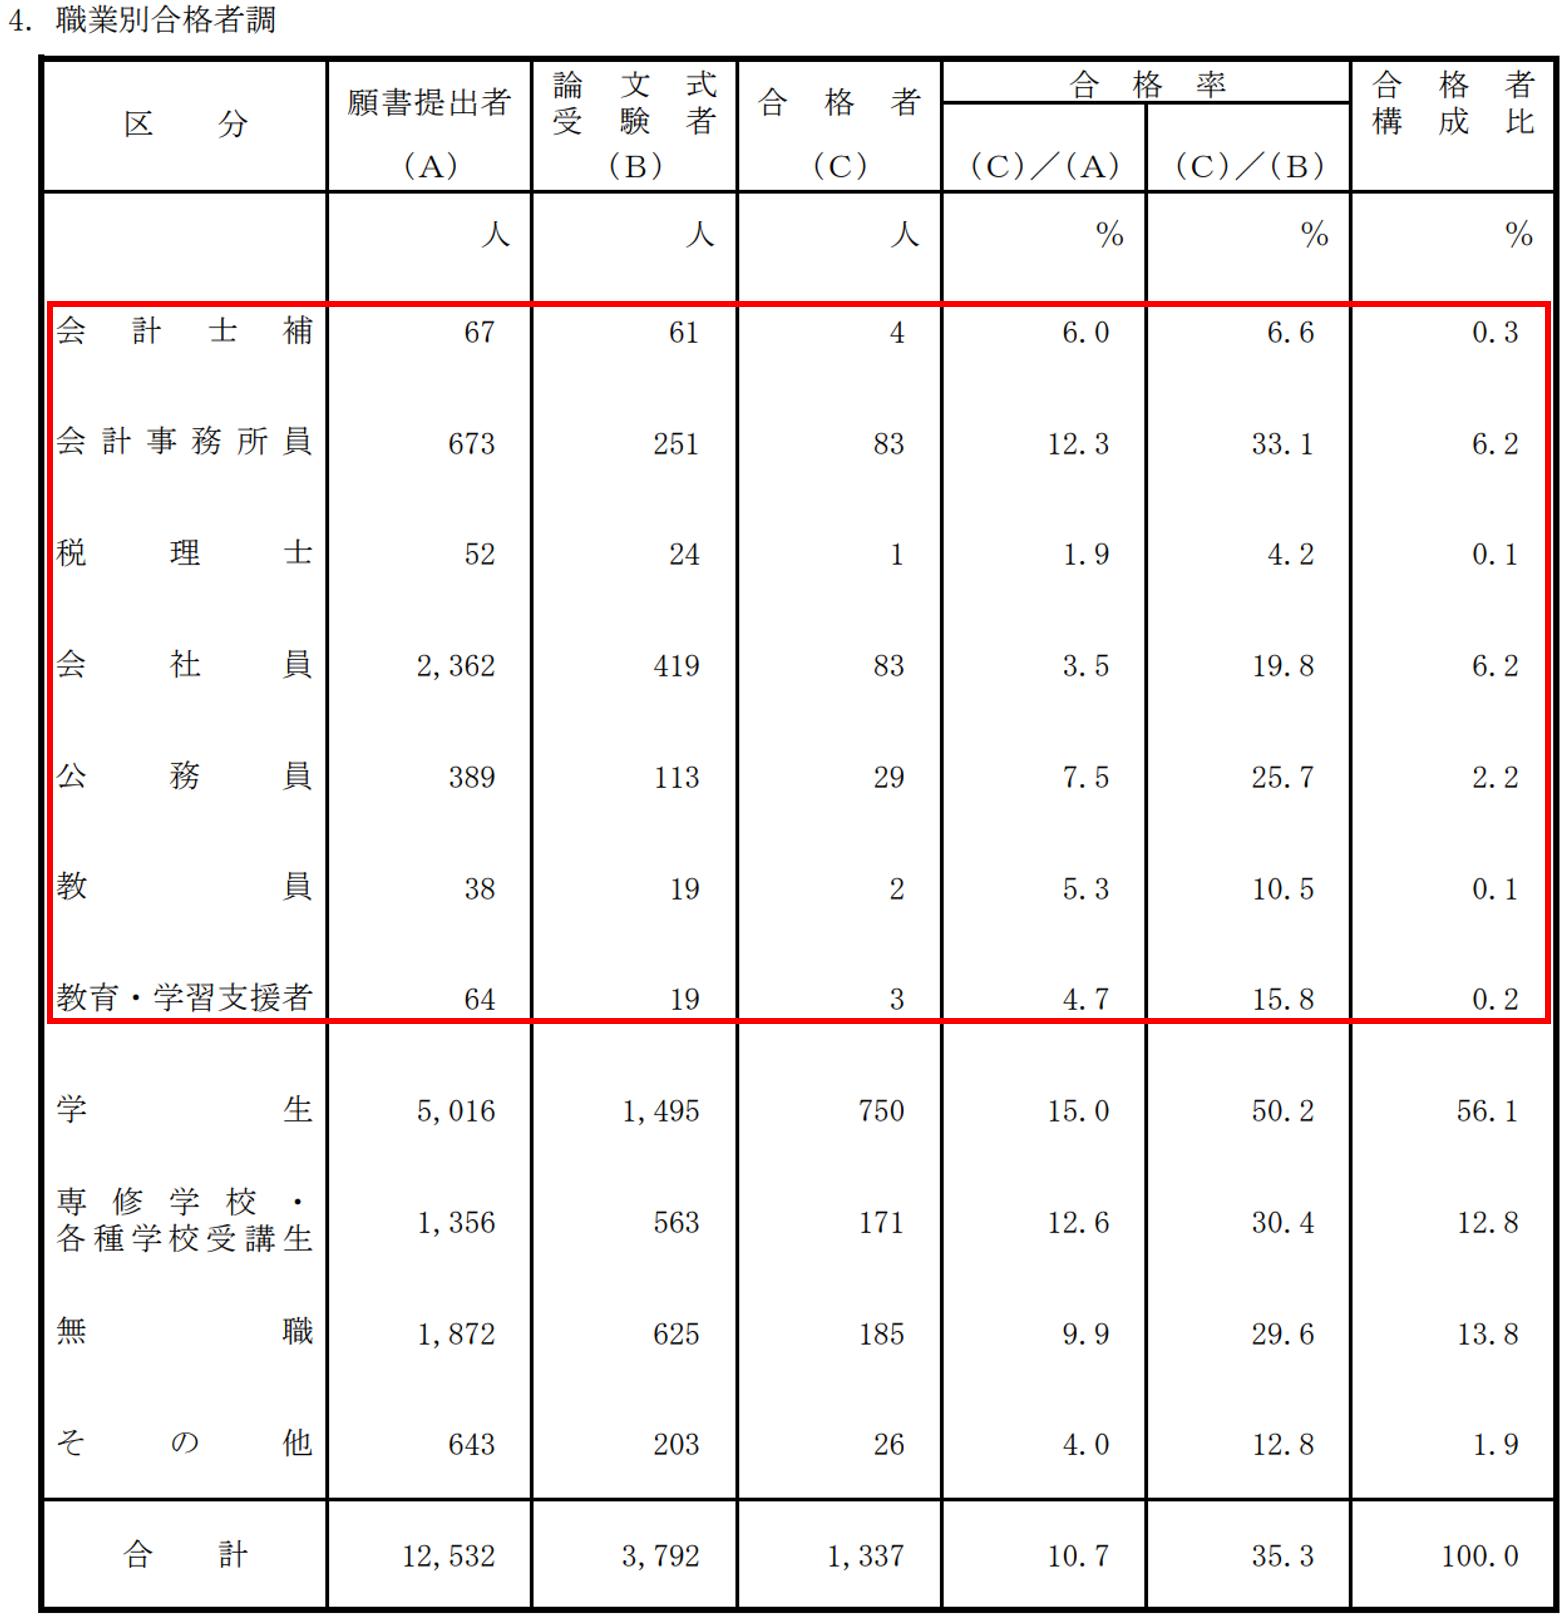 2019公認会計士試験職業別合格者調